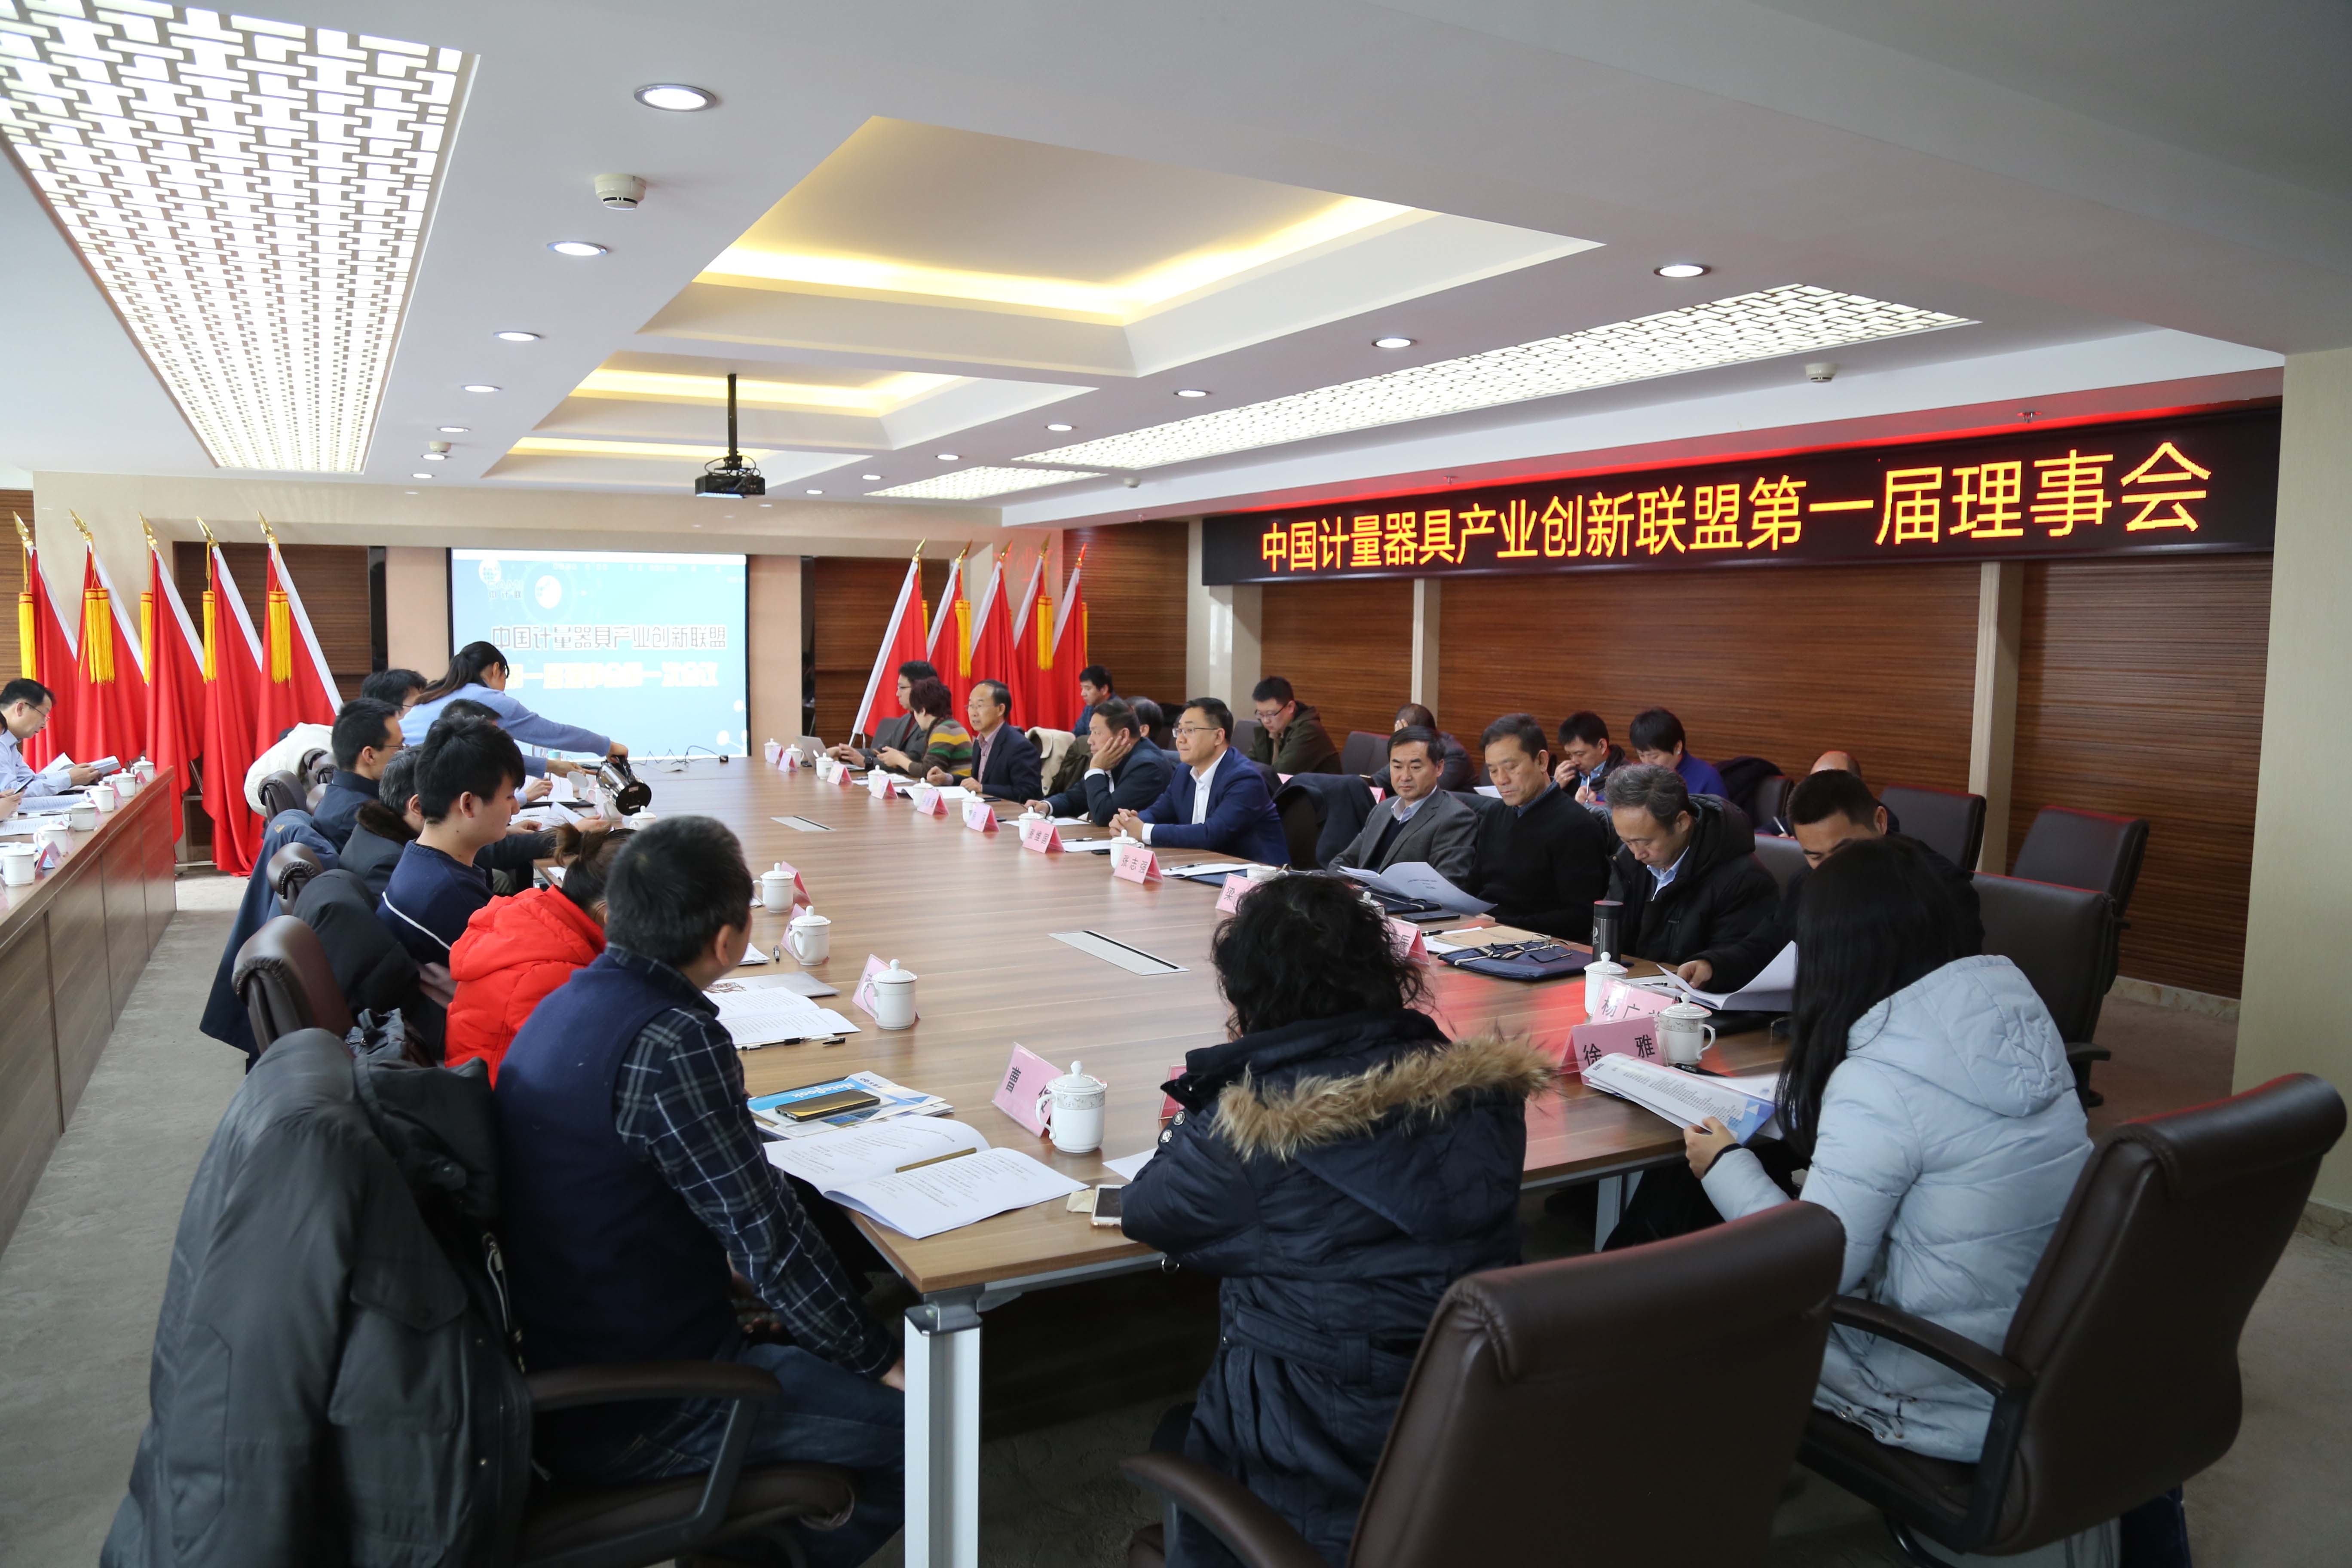 祝贺我协会理事长周永章、副理事长罗敏当选中国计量器具产业创新联盟副理事长